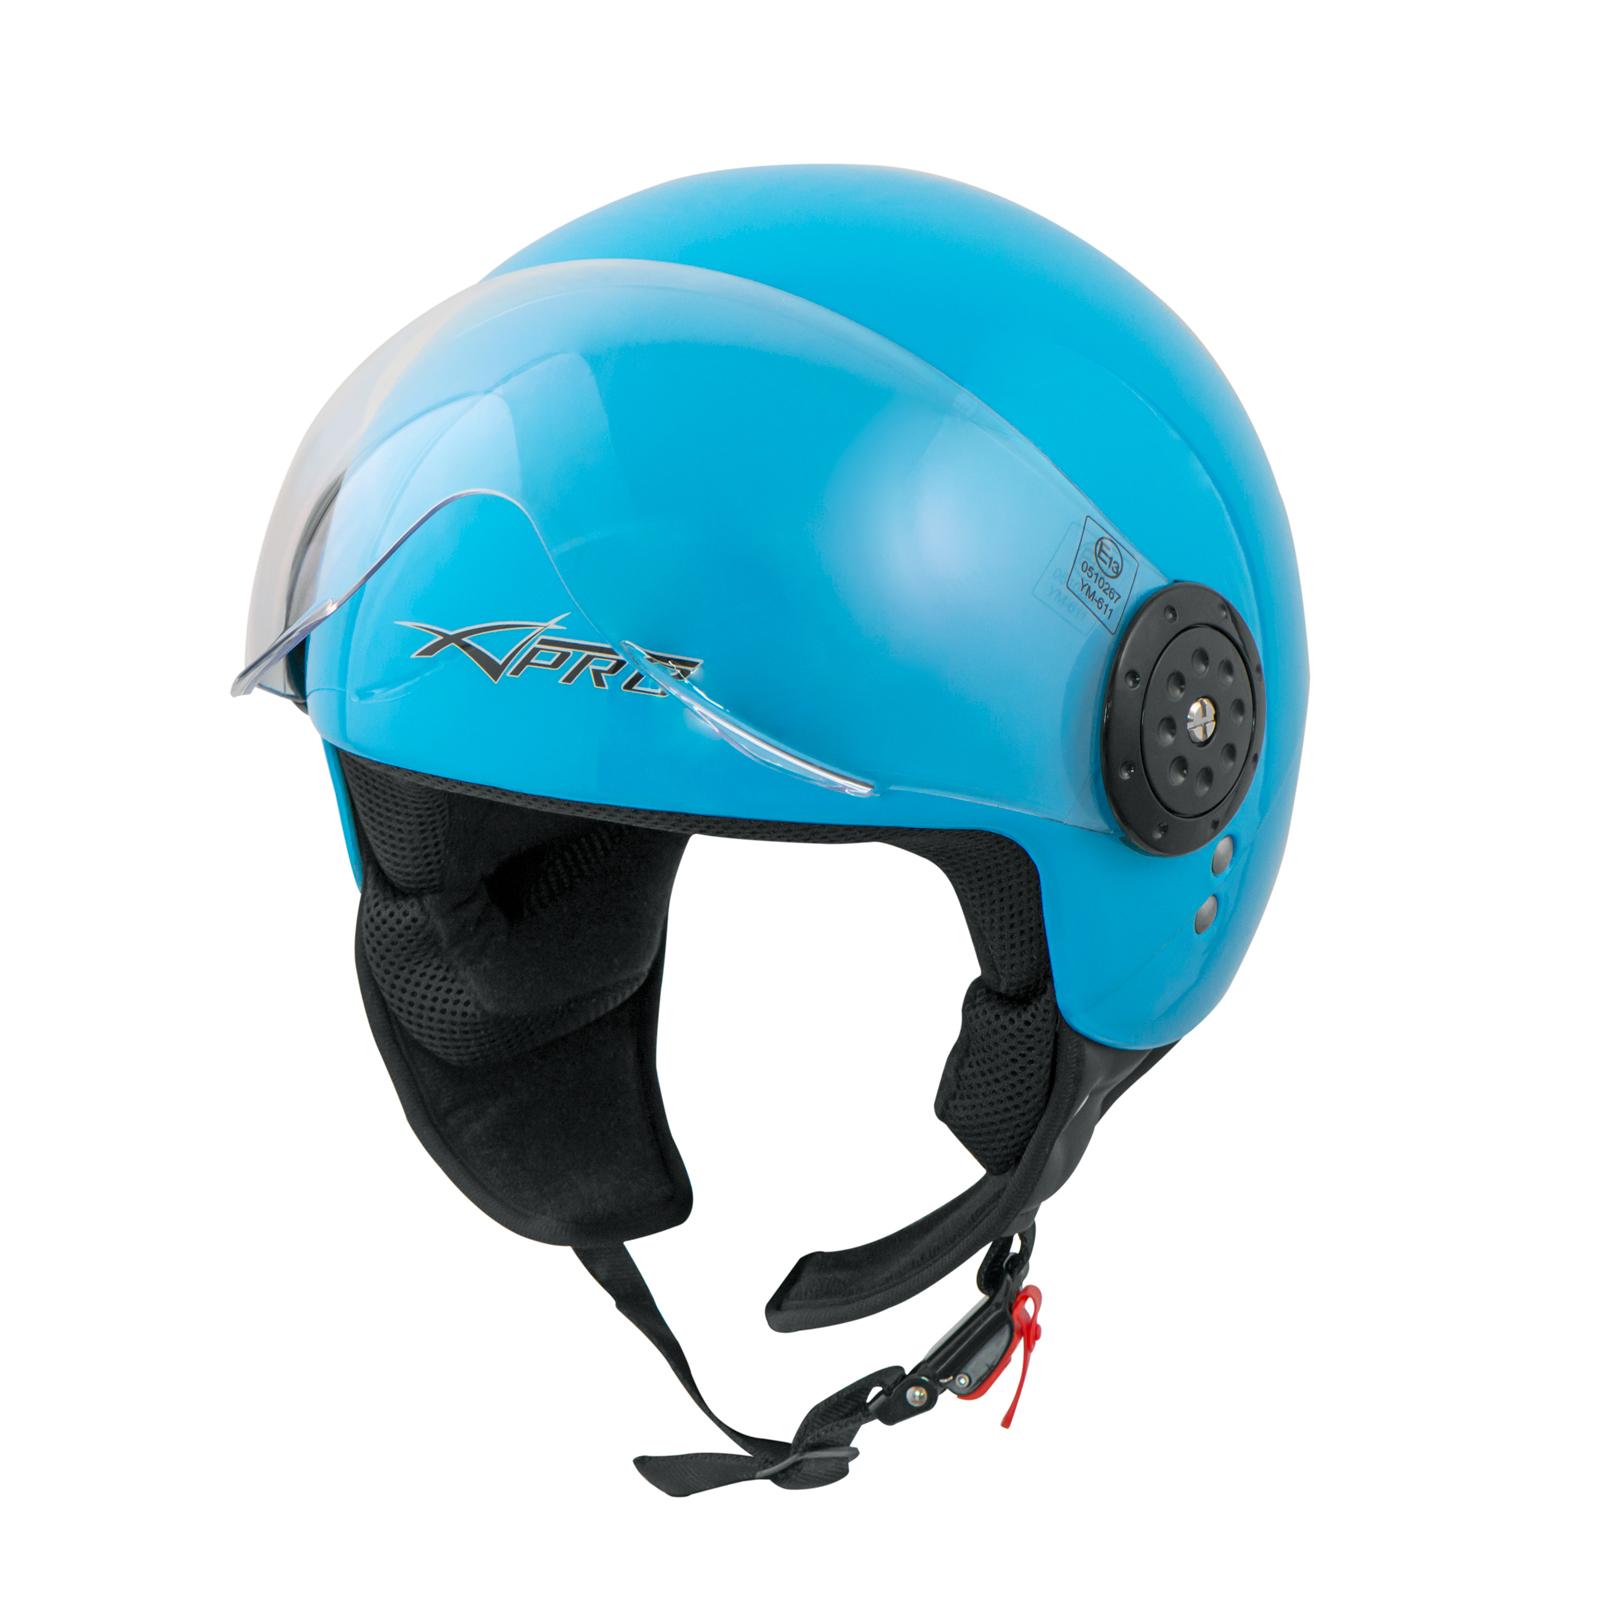 Scooter-Moto-Casco-Jet-Demi-Omologato-ECE-22-05-Visiera-Avio